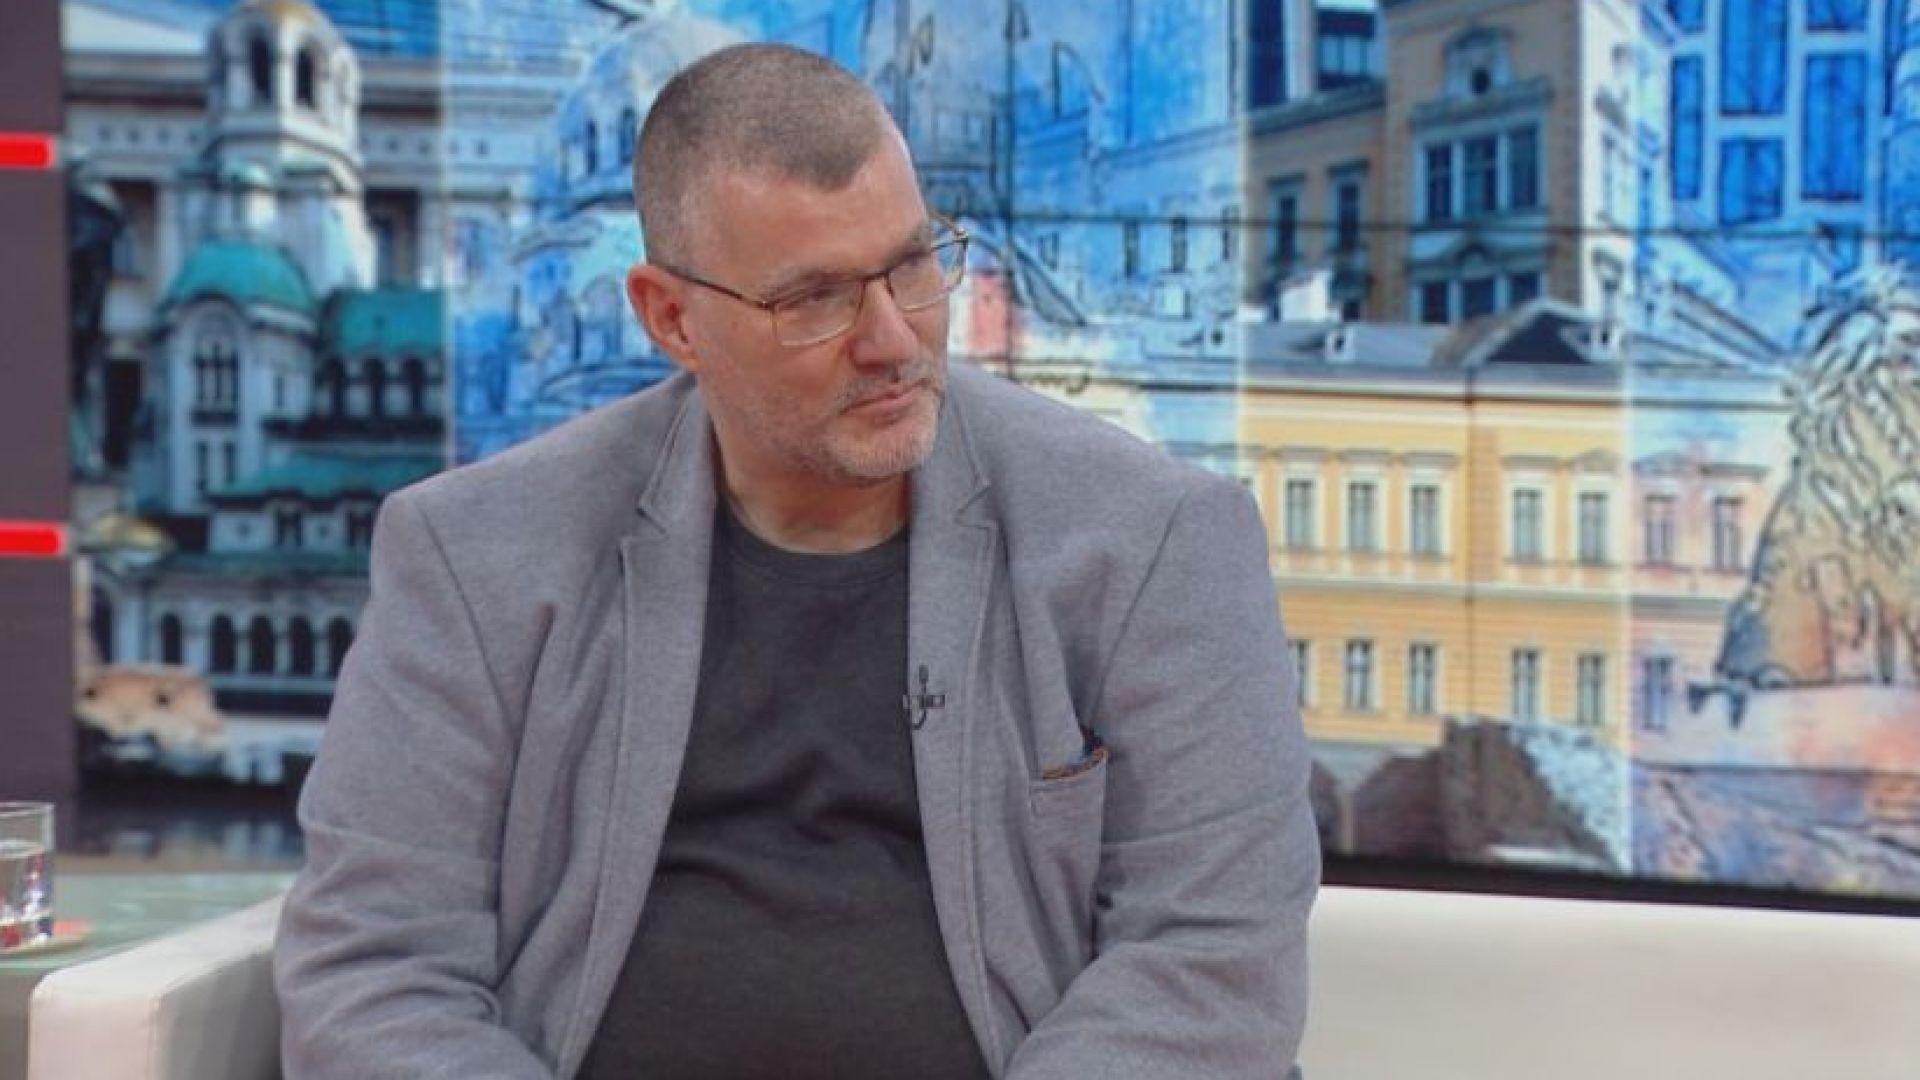 Проф. Момеков: И след ваксинация ще трябва да спазваме социална дистанция